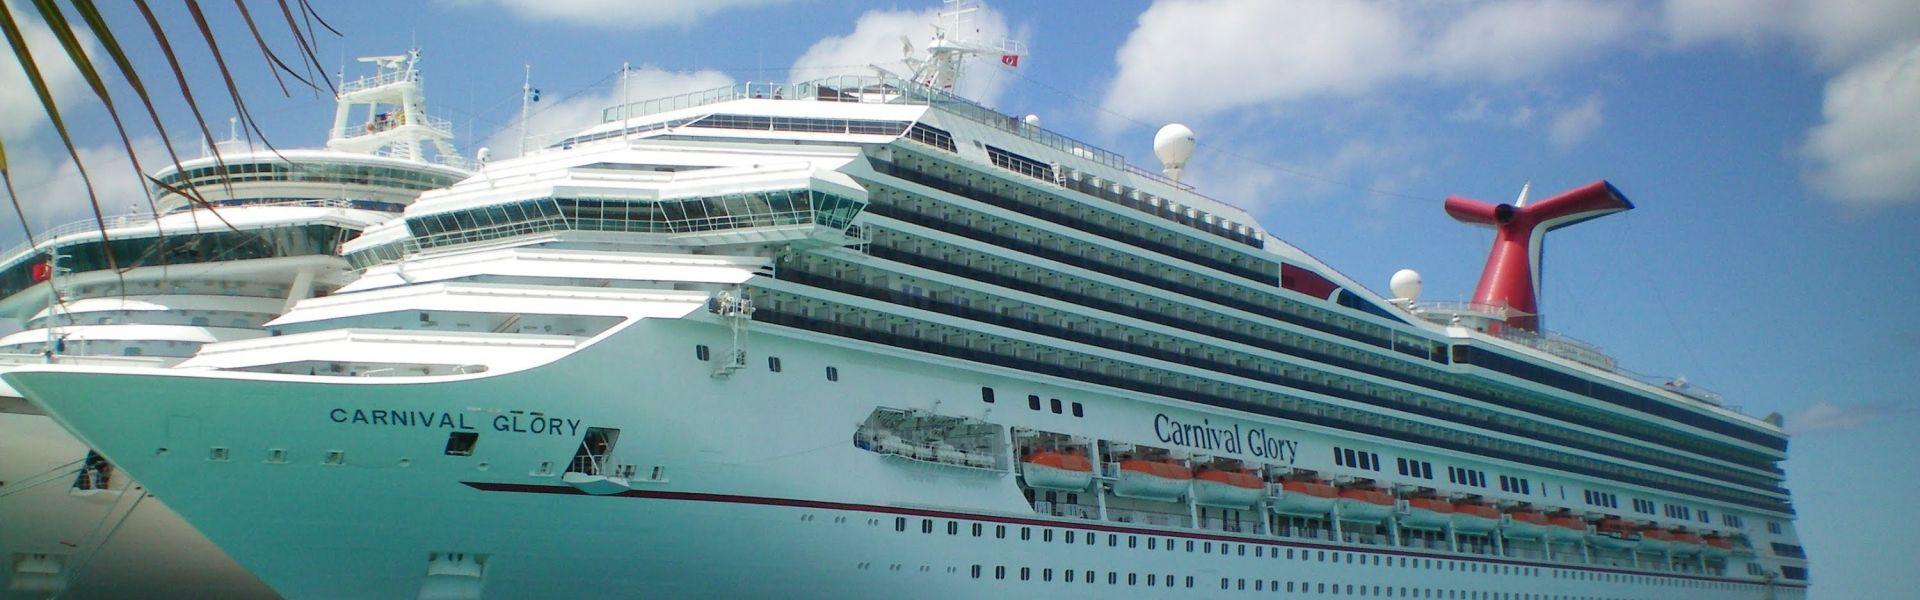 Croaziera 2017 - Caraibe de Est (Miami) - Carnival Cruise Lines - Carnival Glory - 7 nopti